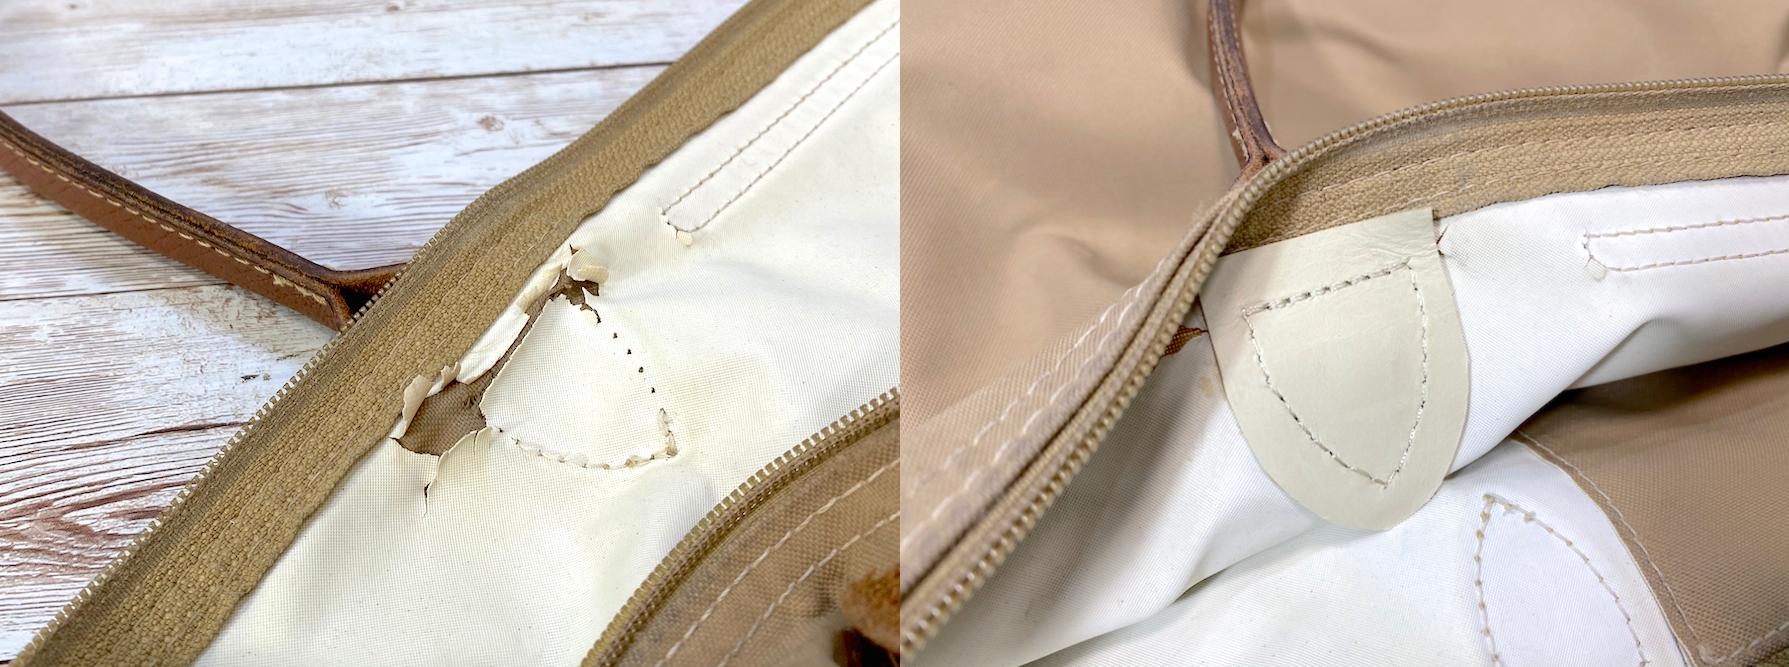 ロンシャン(Longchamp) プリアージュバッグ持ち手の付け根補強をご紹介